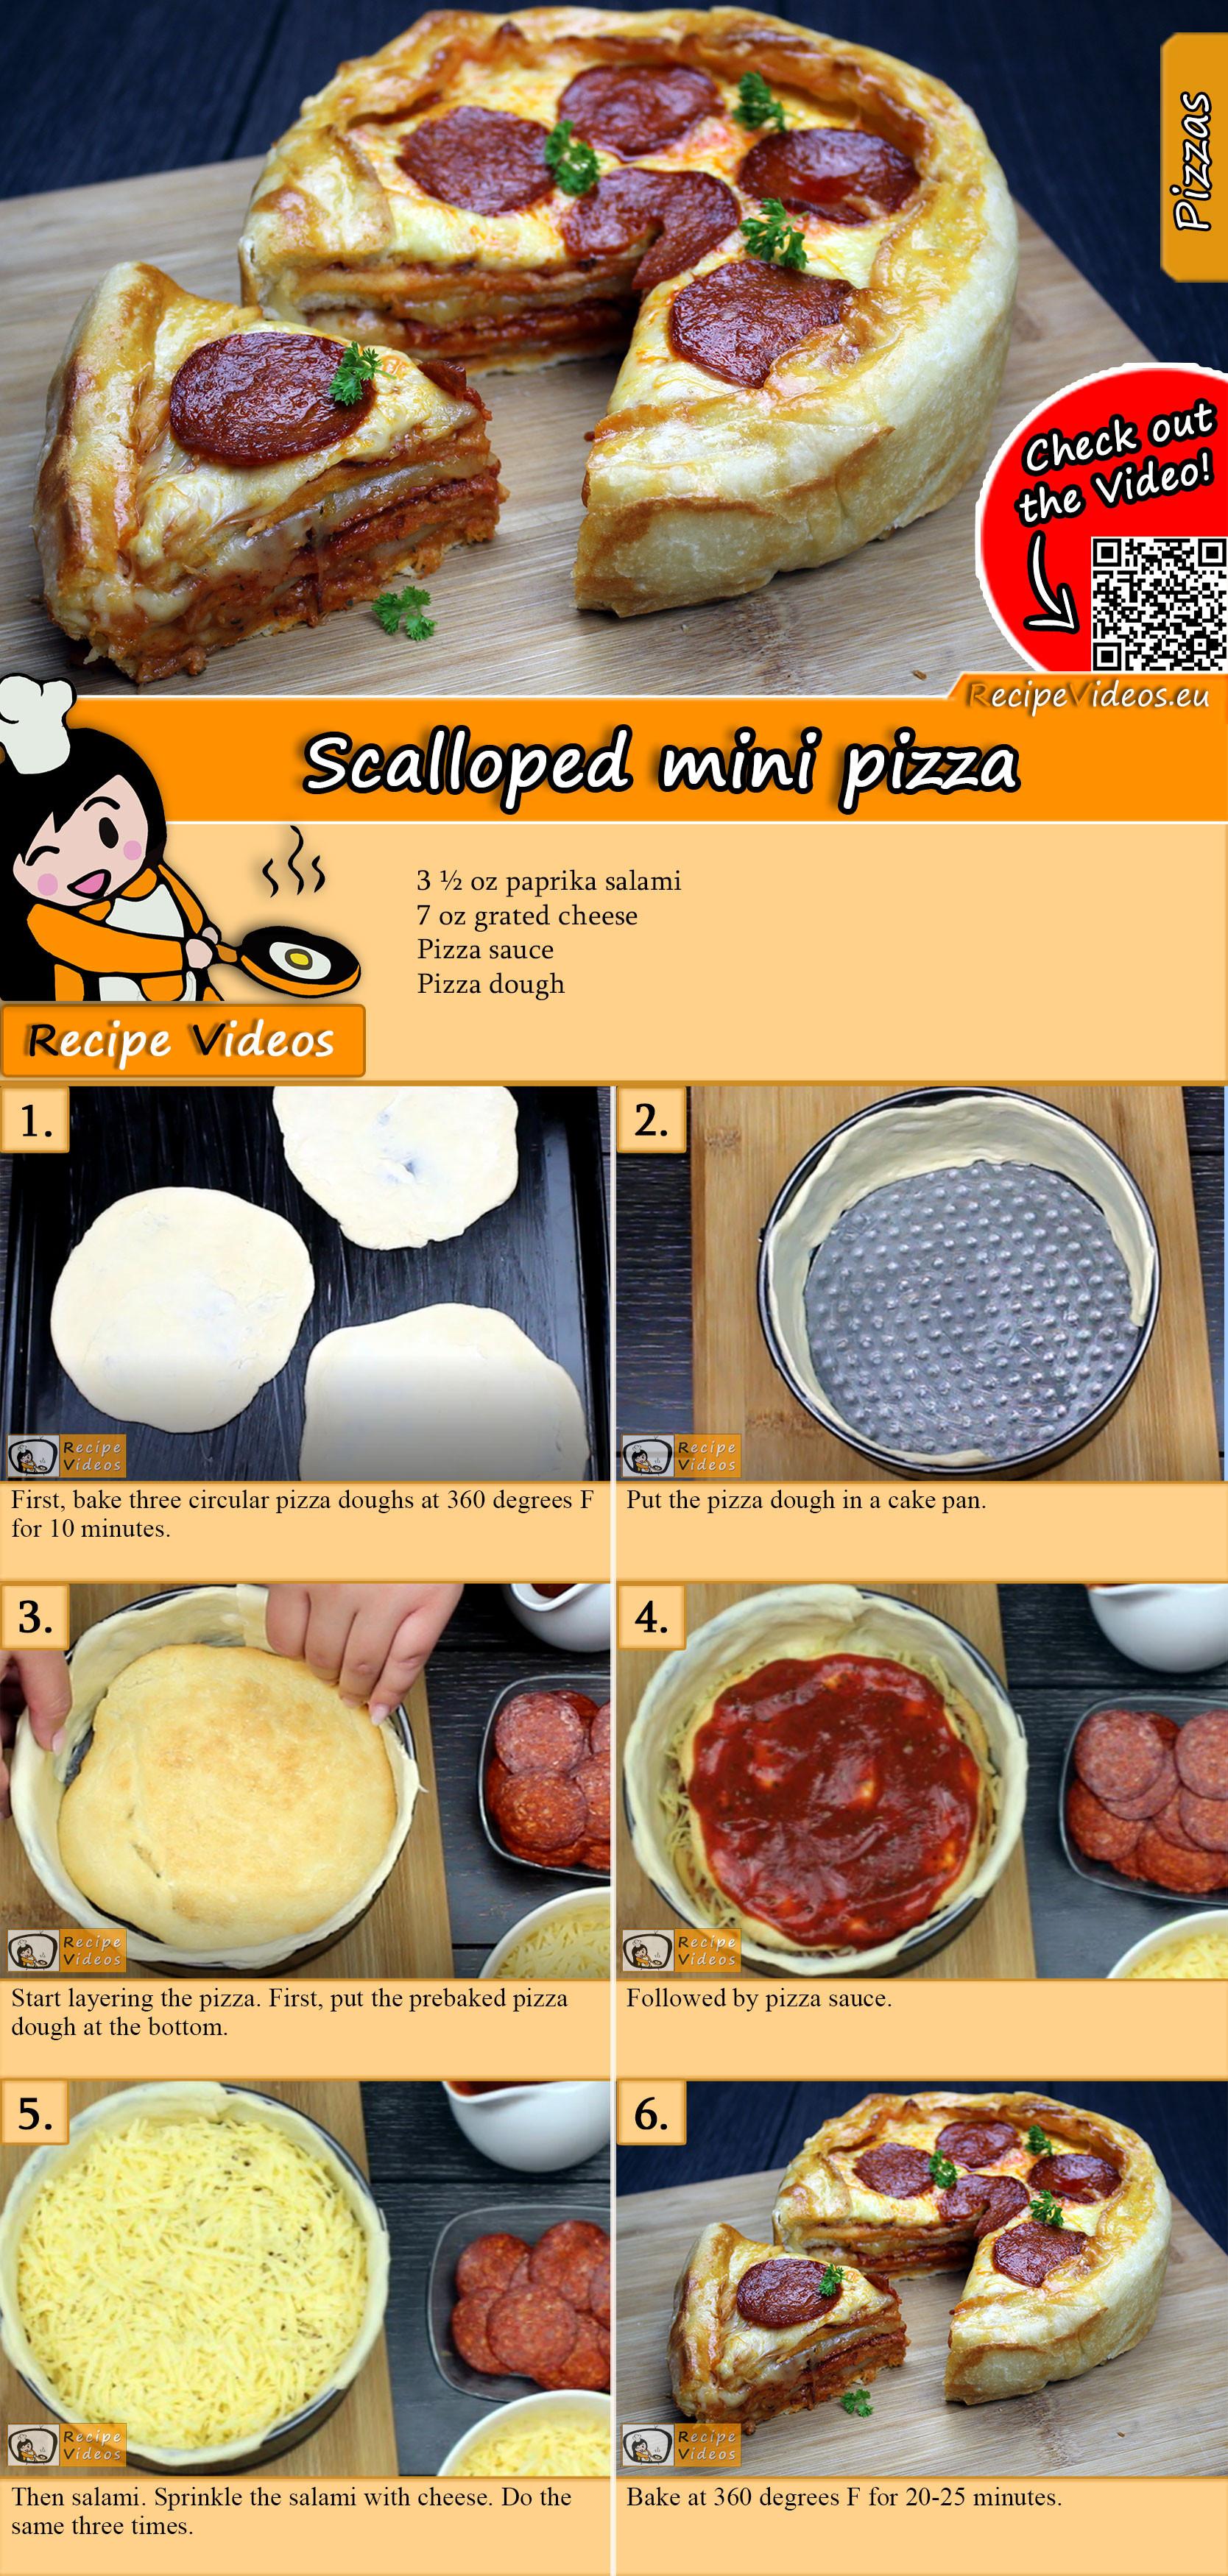 Scalloped mini pizza recipe with video